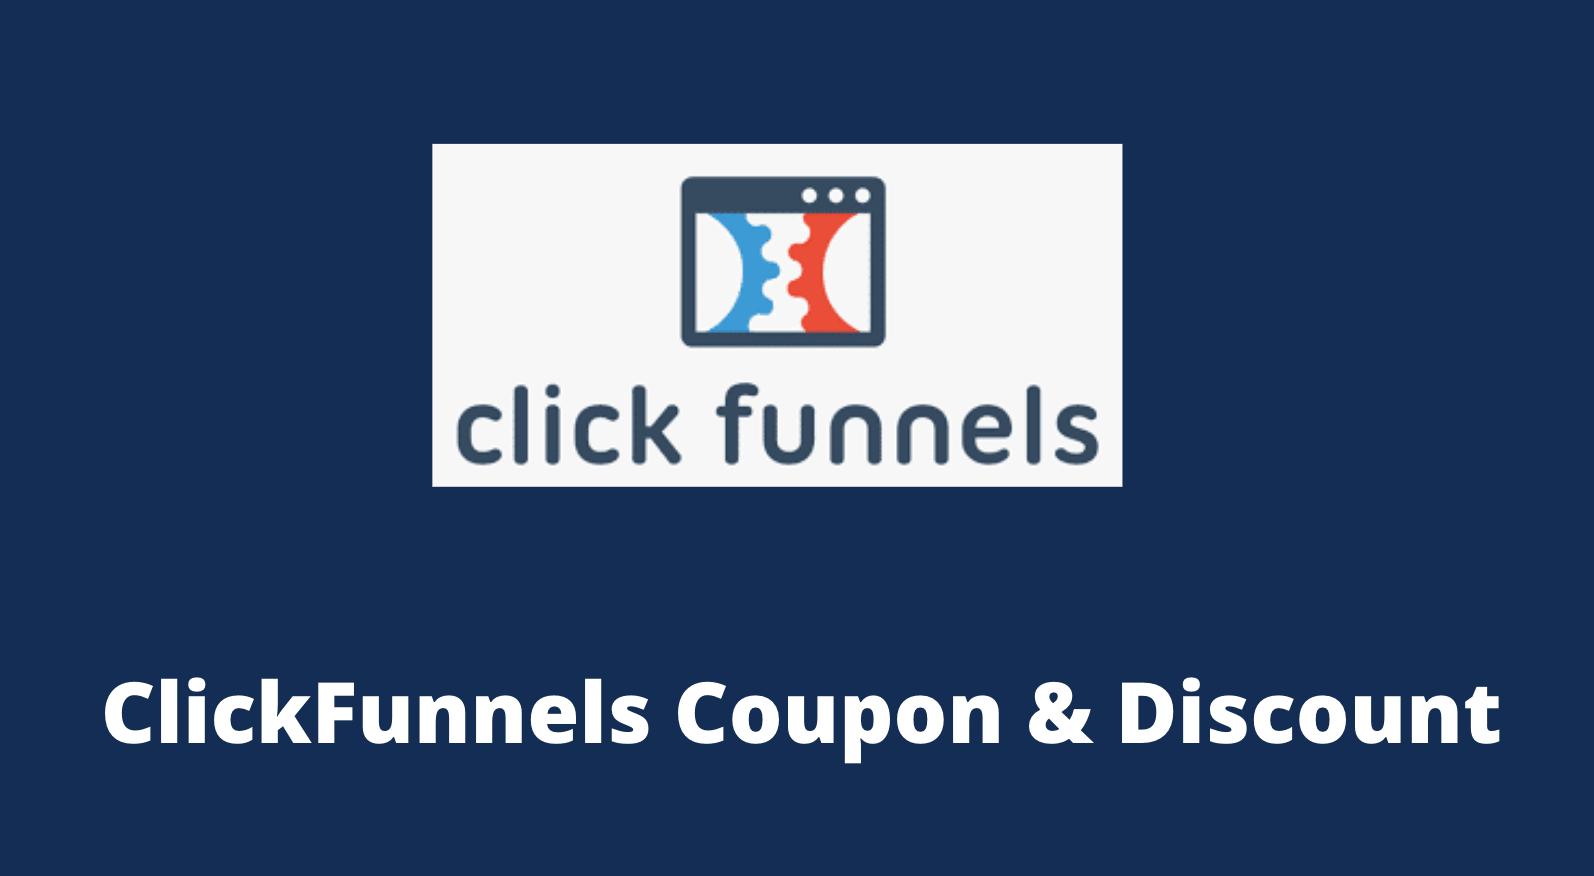 ClickFunnls Coupon